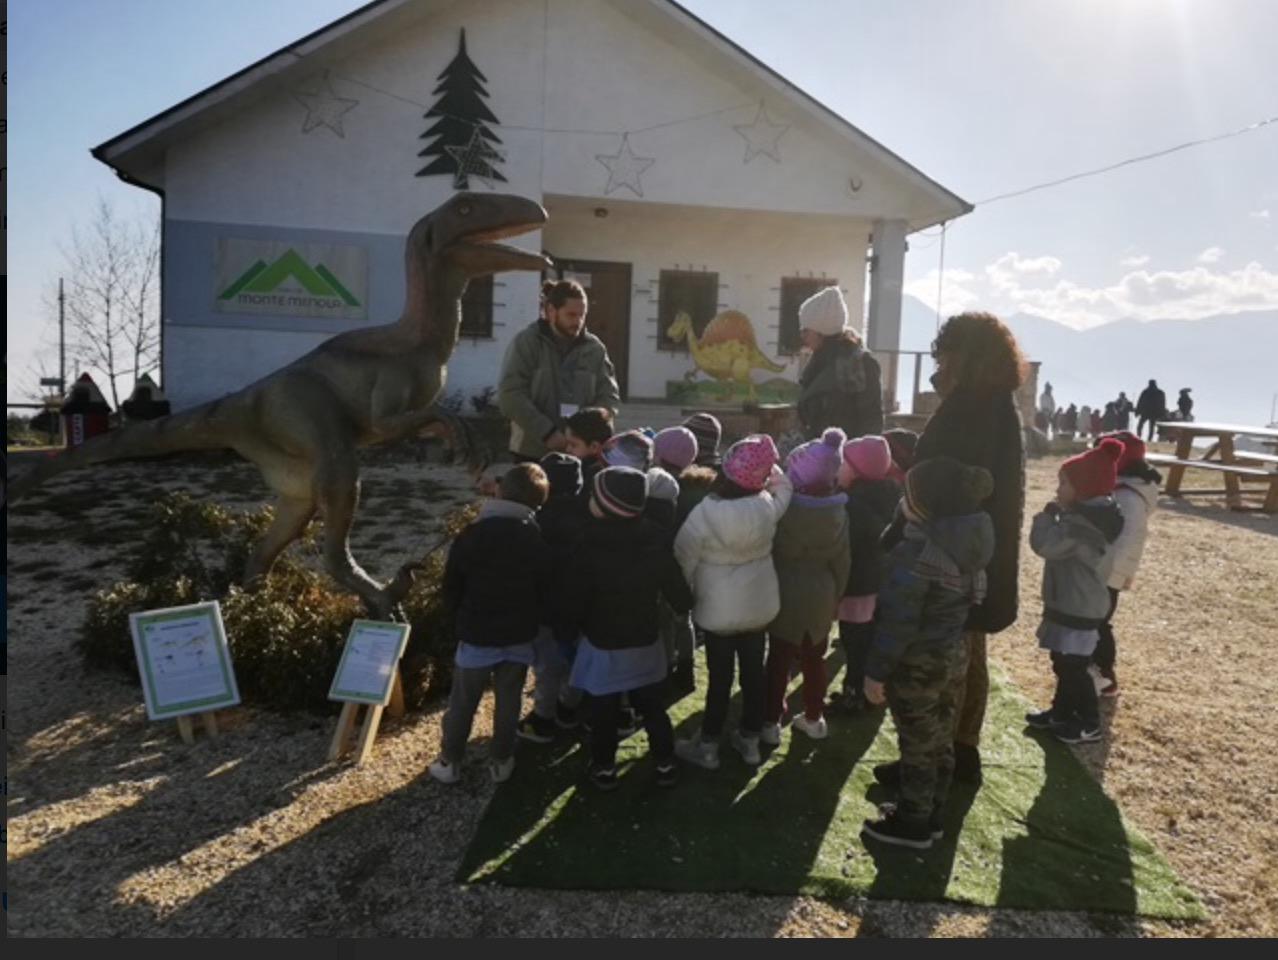 Ultimi giorni per visitare il Parco paleontologico di MonteMenola